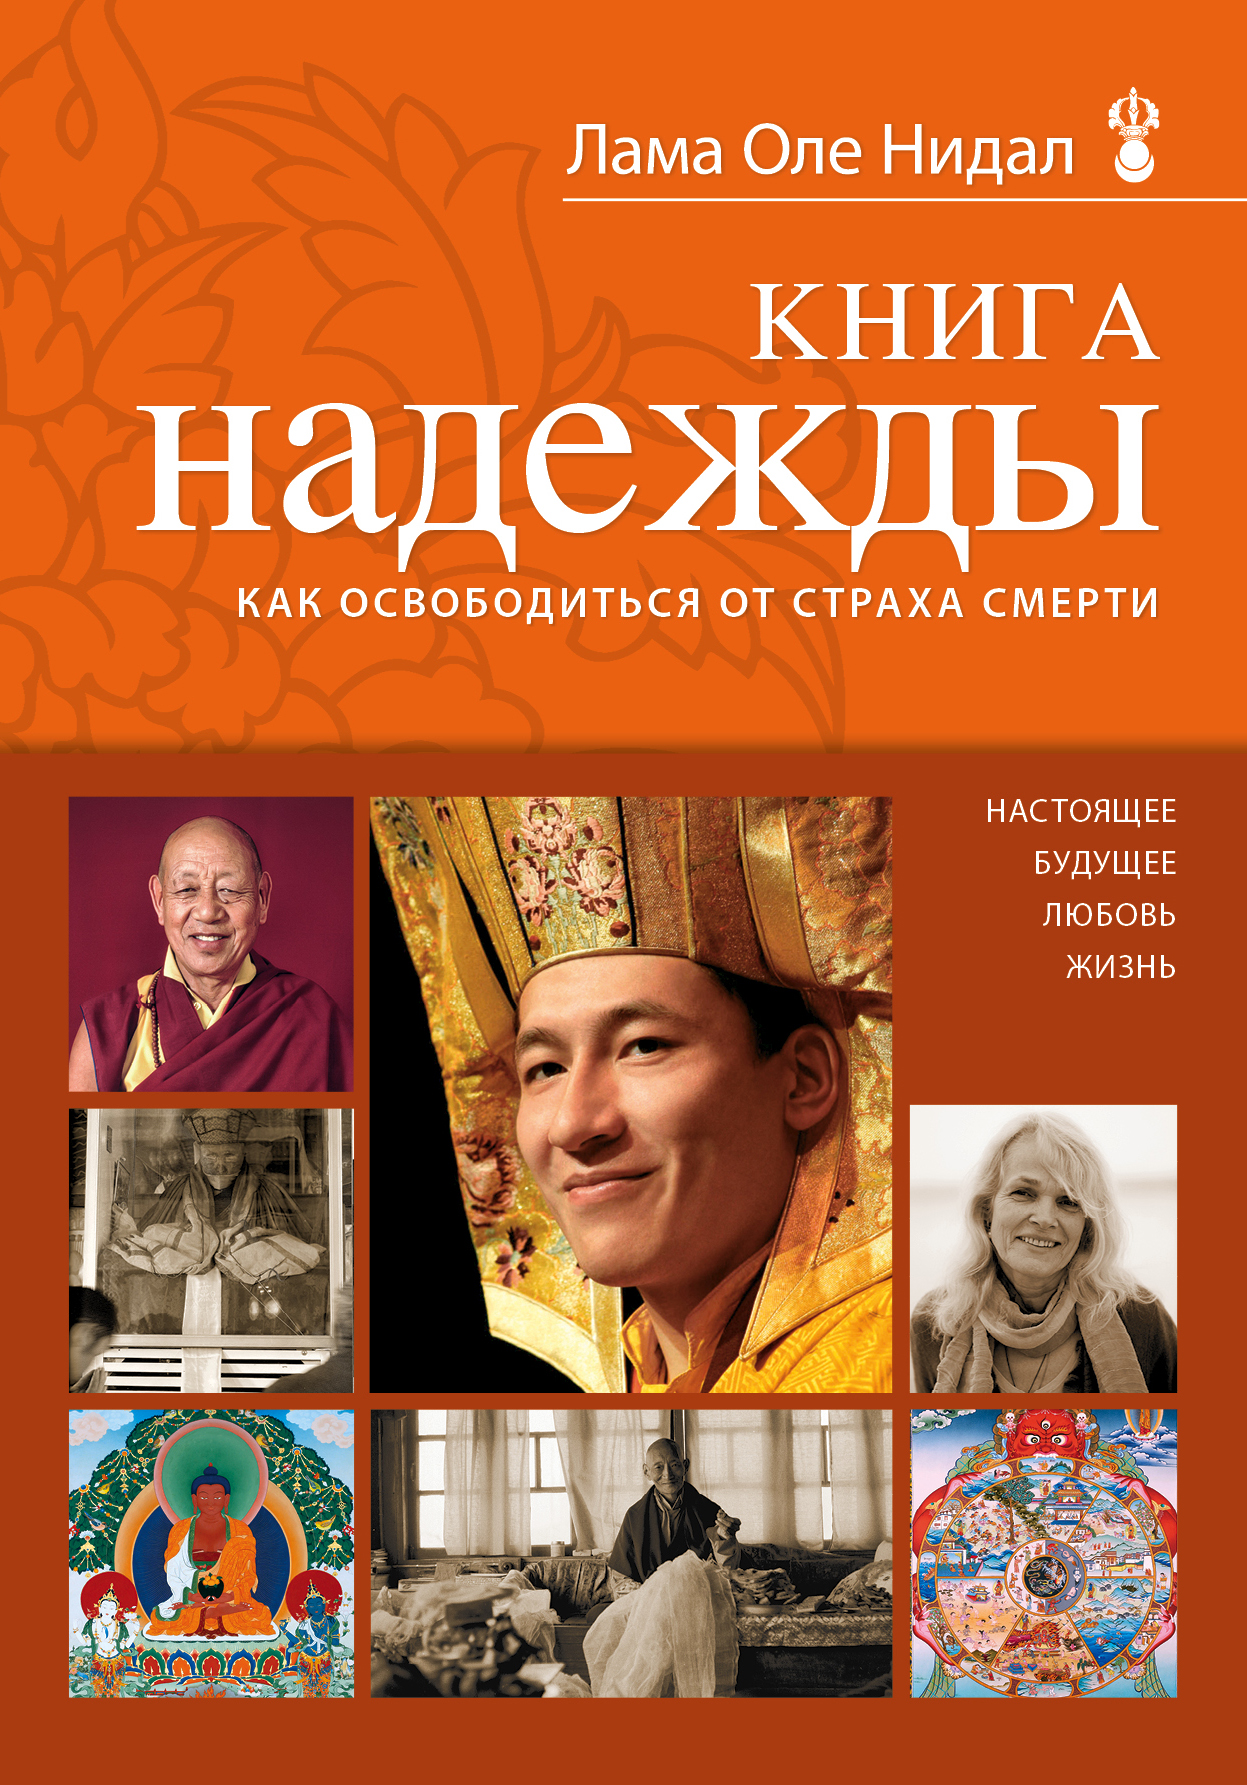 Книга надежды: как освободиться от страха смерти (новое оформление) ( Нидал О., лама  )